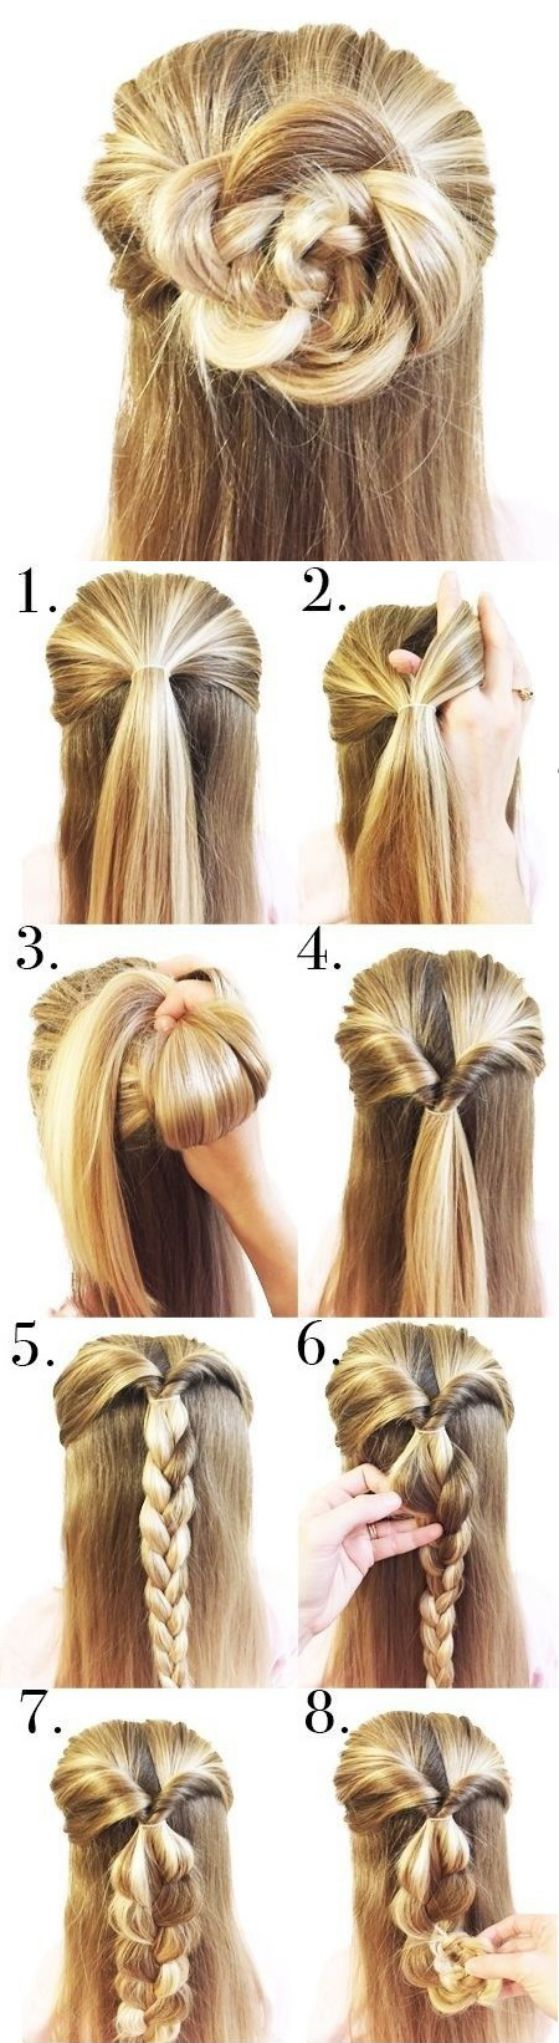 Sensacional peinados faciles de hacer Fotos de tendencias de color de pelo - 100 peinados sencillos para mujeres y chicas ocupadas